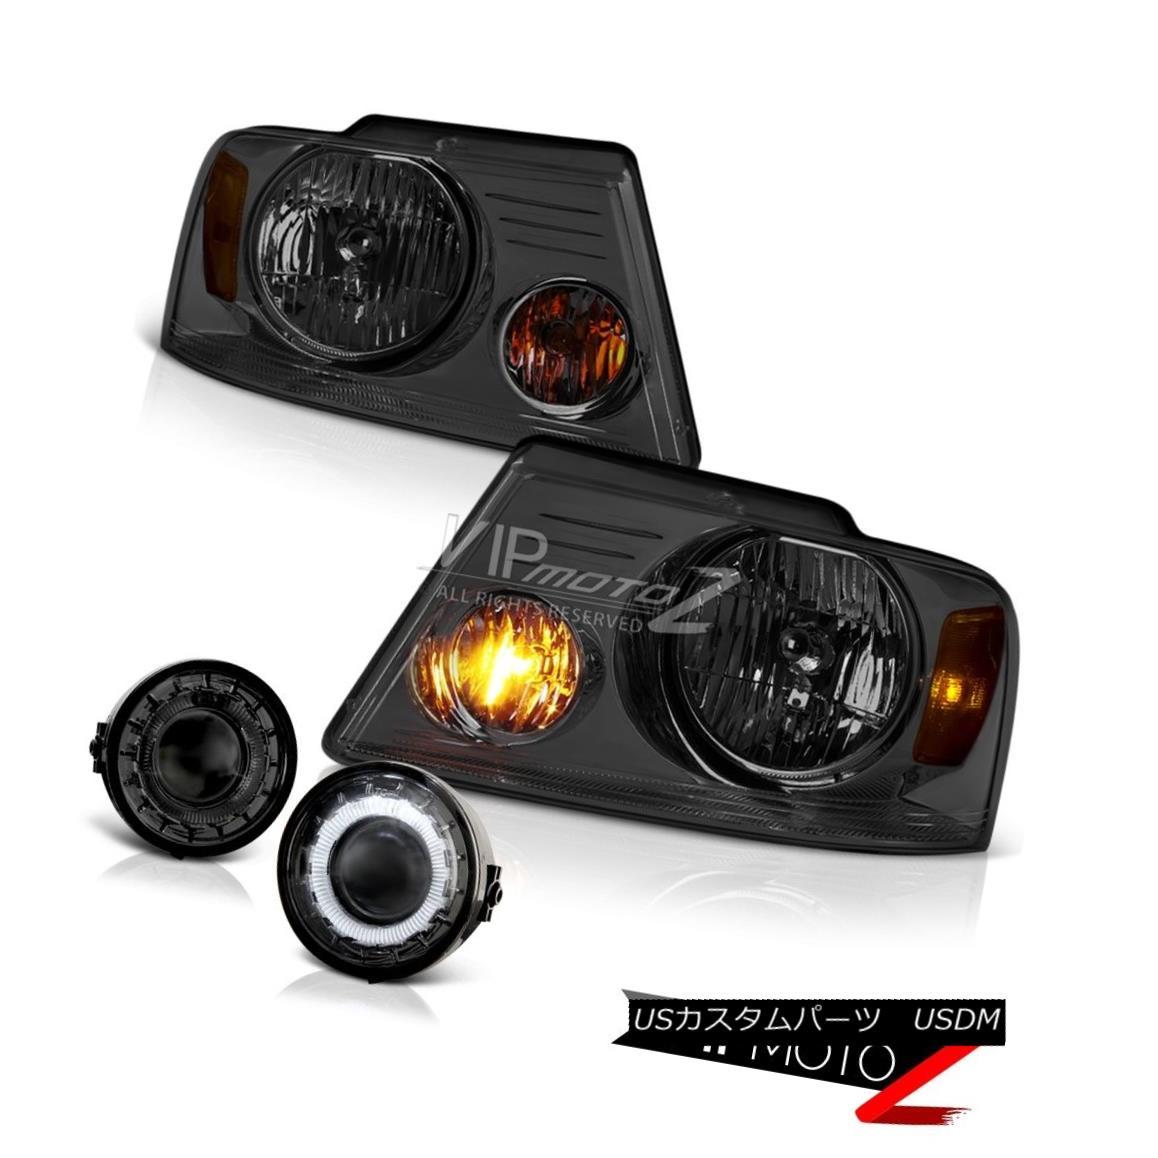 ヘッドライト Smoke Headlights+Smoke Halo Fog Light Lamp 2006 2007 2008 Ford F150 PickUp Truck スモークヘッドライト+スモー ke Halo Fog Light Lamp 2006 2007 2008フォードF150 PickUpトラック